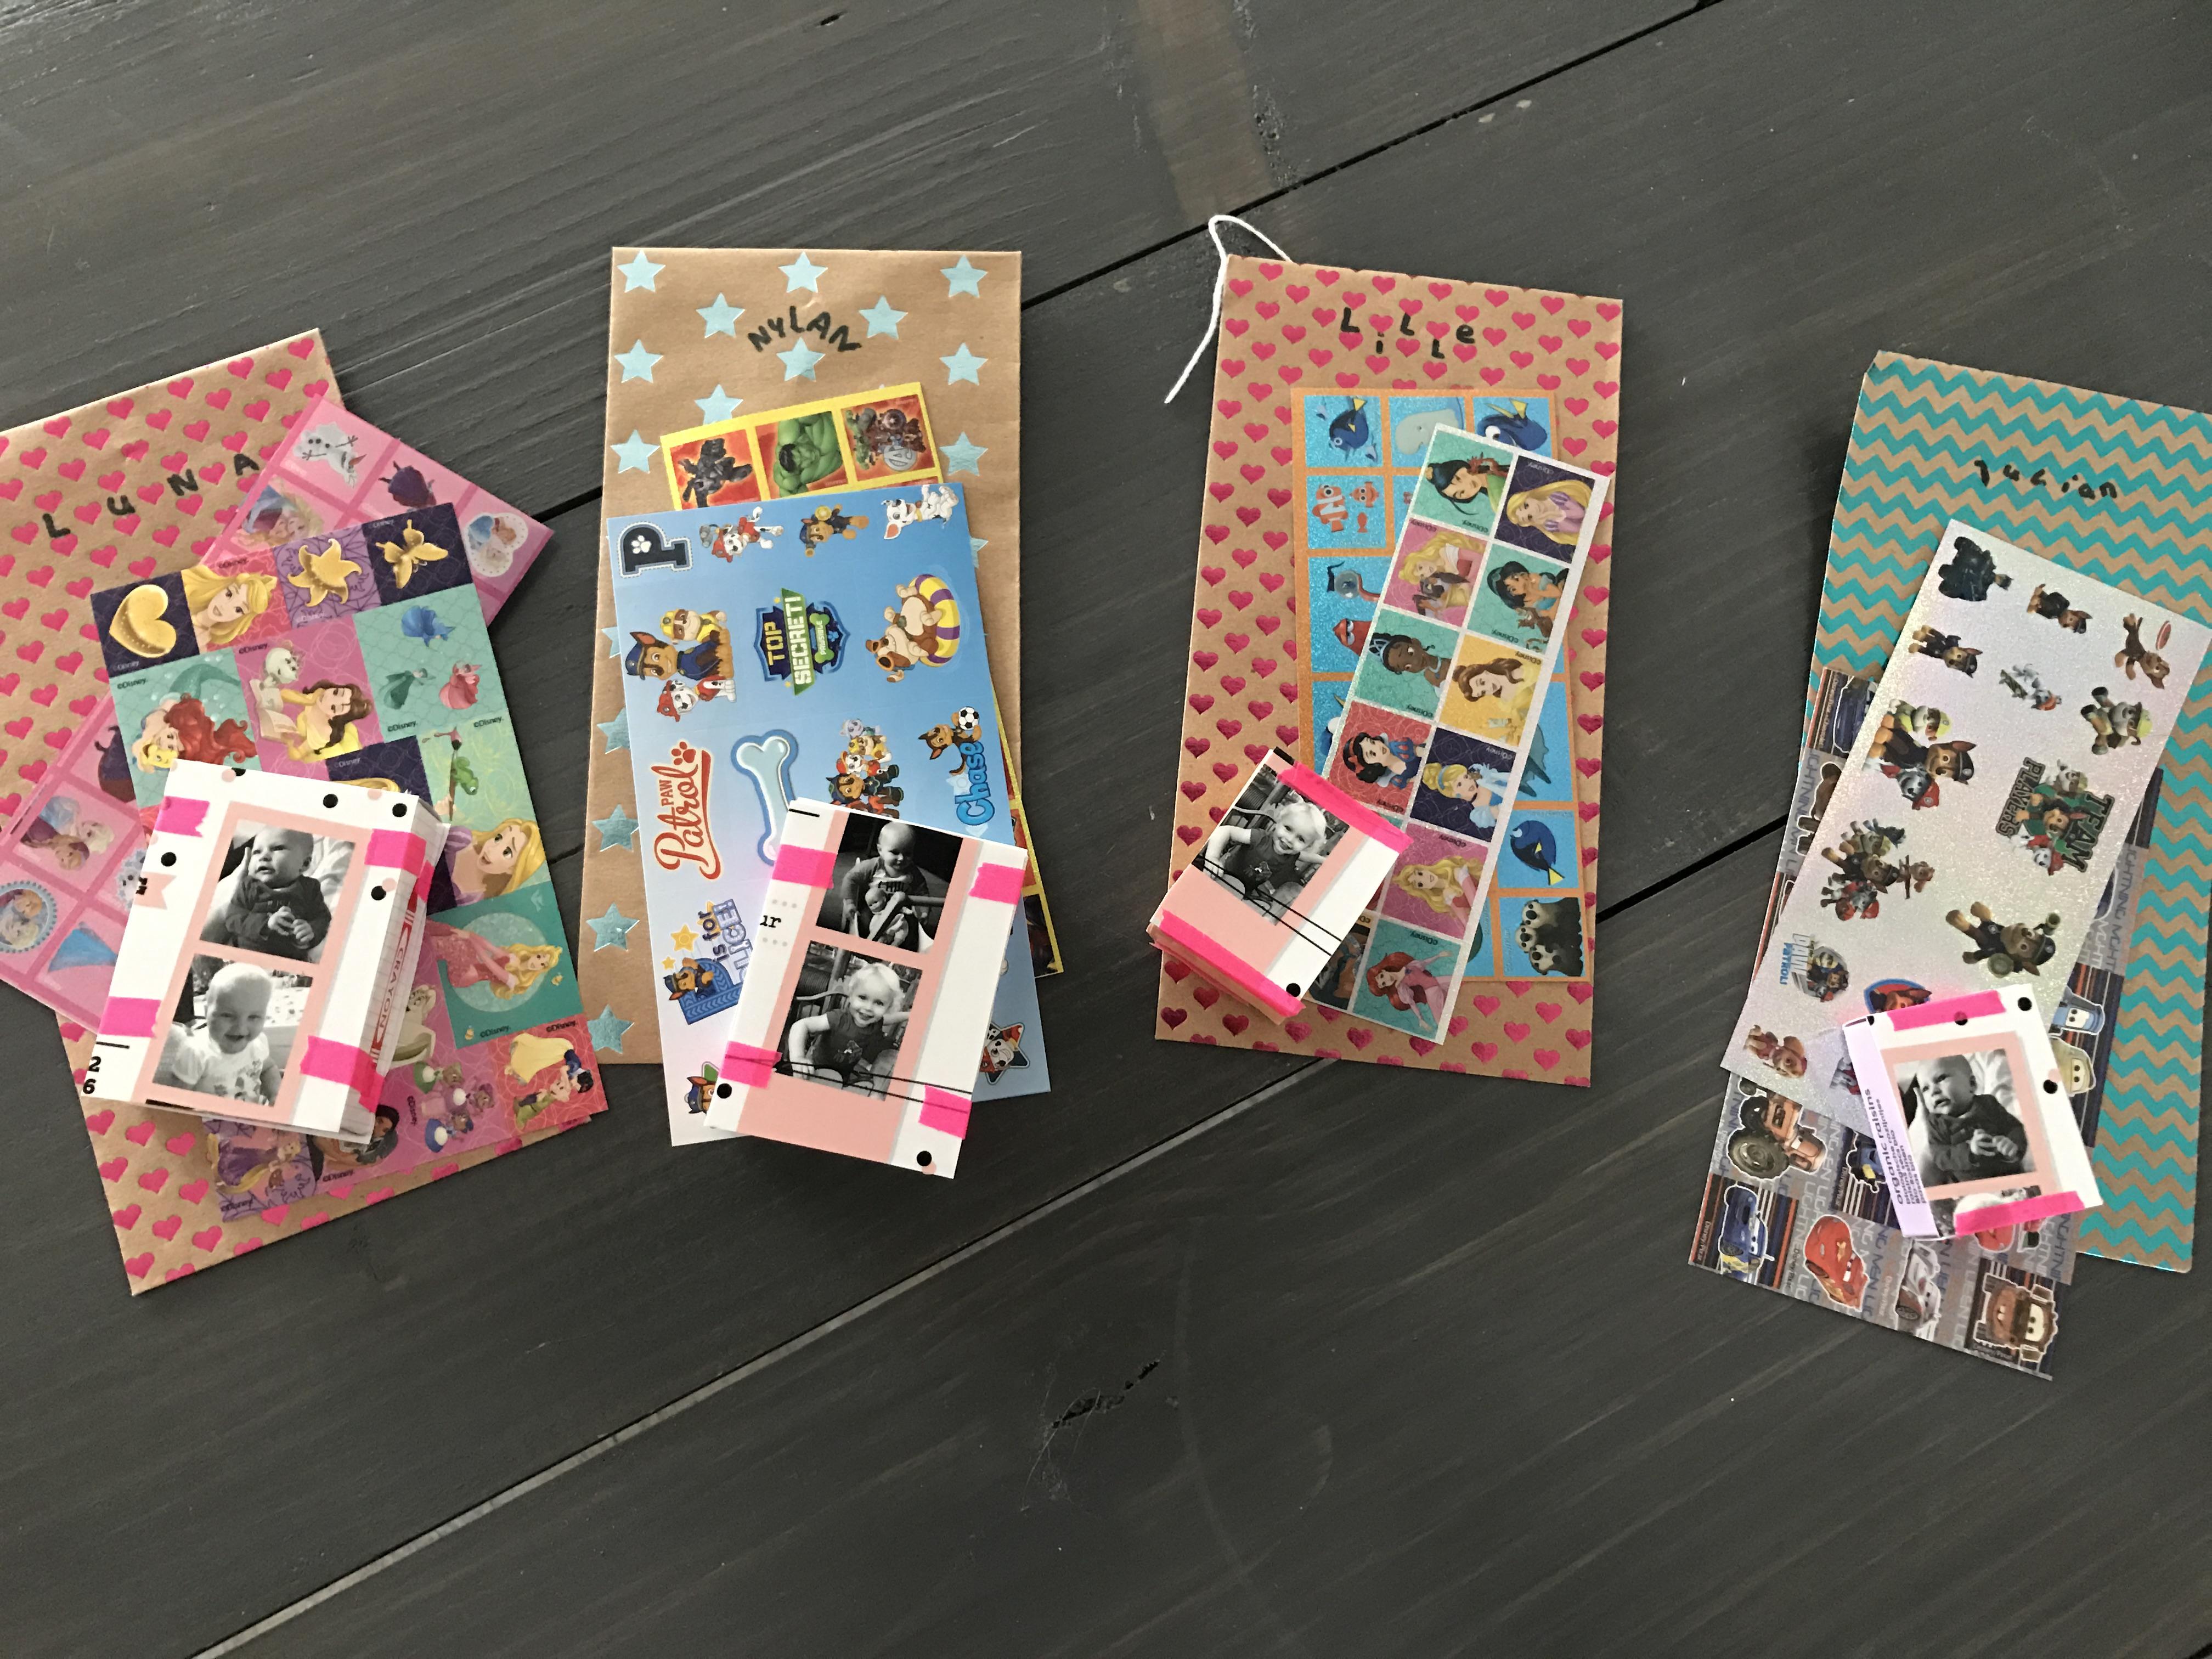 12-16-taart-zandkasteel-nola-2-jaar-verjaardag-verjaardagstaart-baby-meisje-kind-roze-thema-zand-dag-bestellen-balonnen-helium-nanny-moeder-amsterdam-diemen-slinger-hema-1